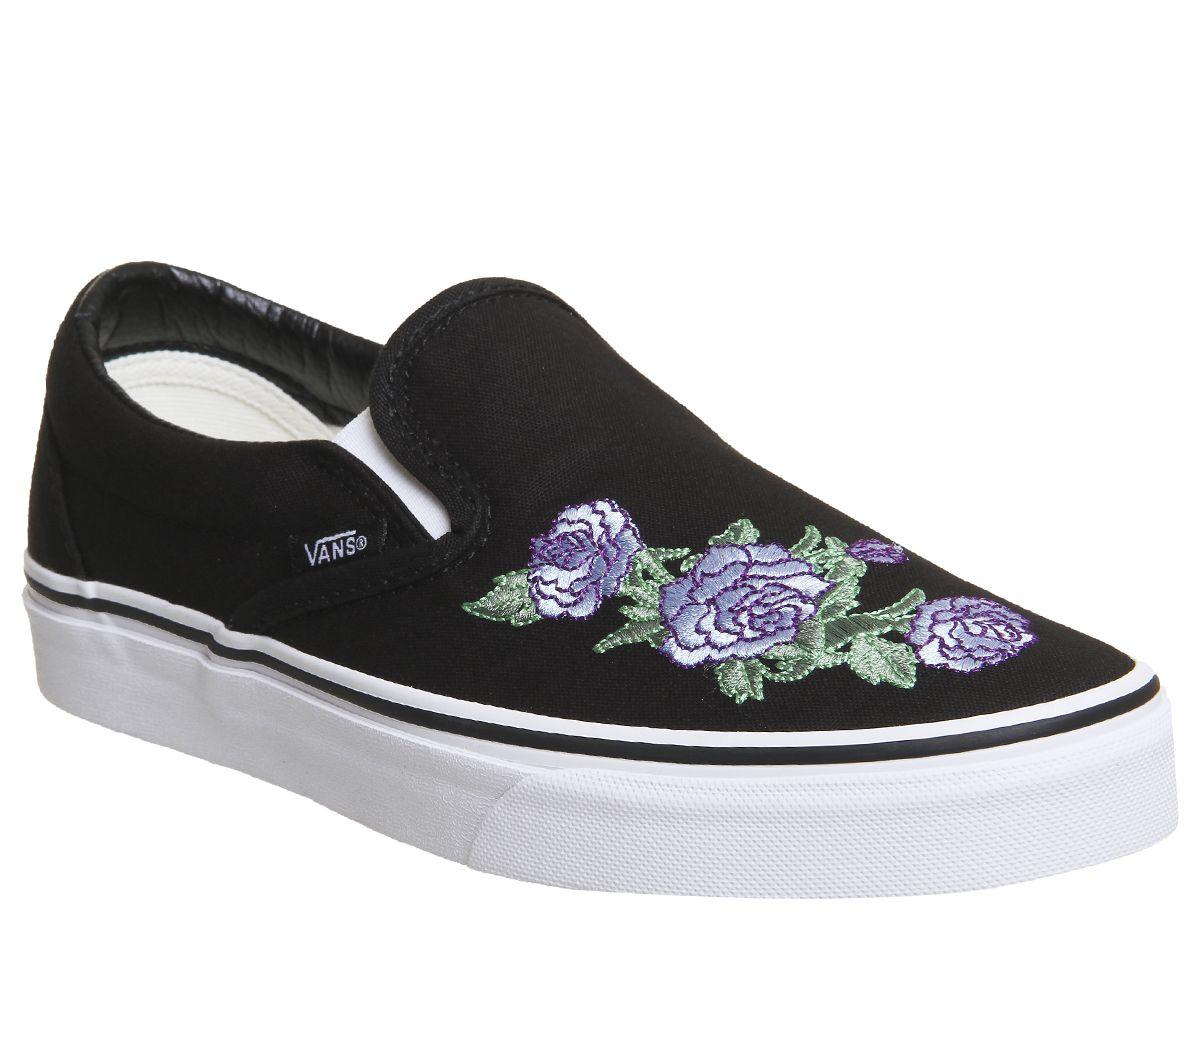 2bd85ea725de50 Vans Vans Classic Slip On Trainers Black Lilac Rose - Hers trainers